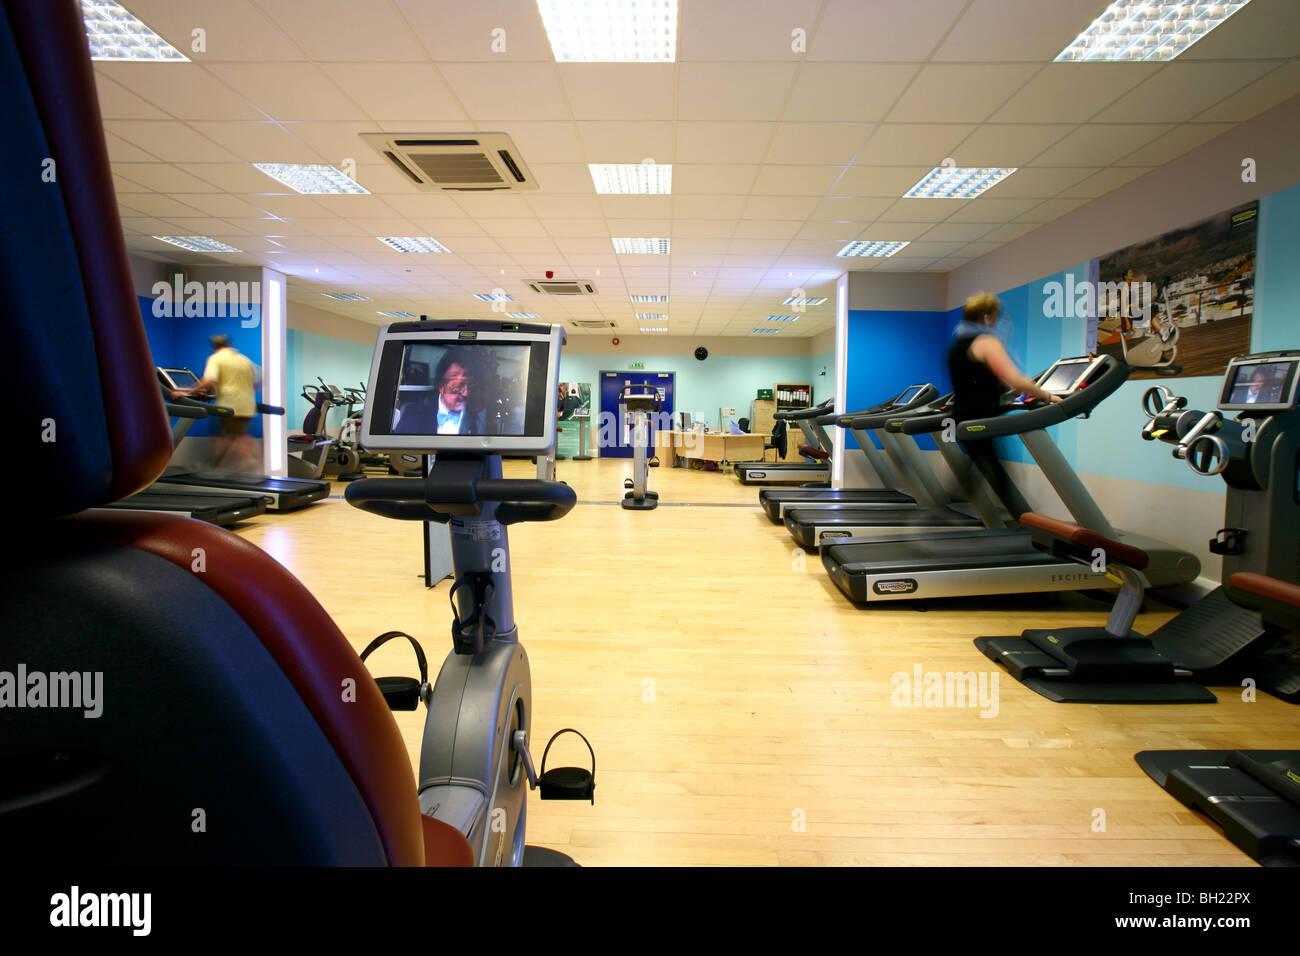 Une salle de sport moderne avec divers équipement d'exercice Photo Stock